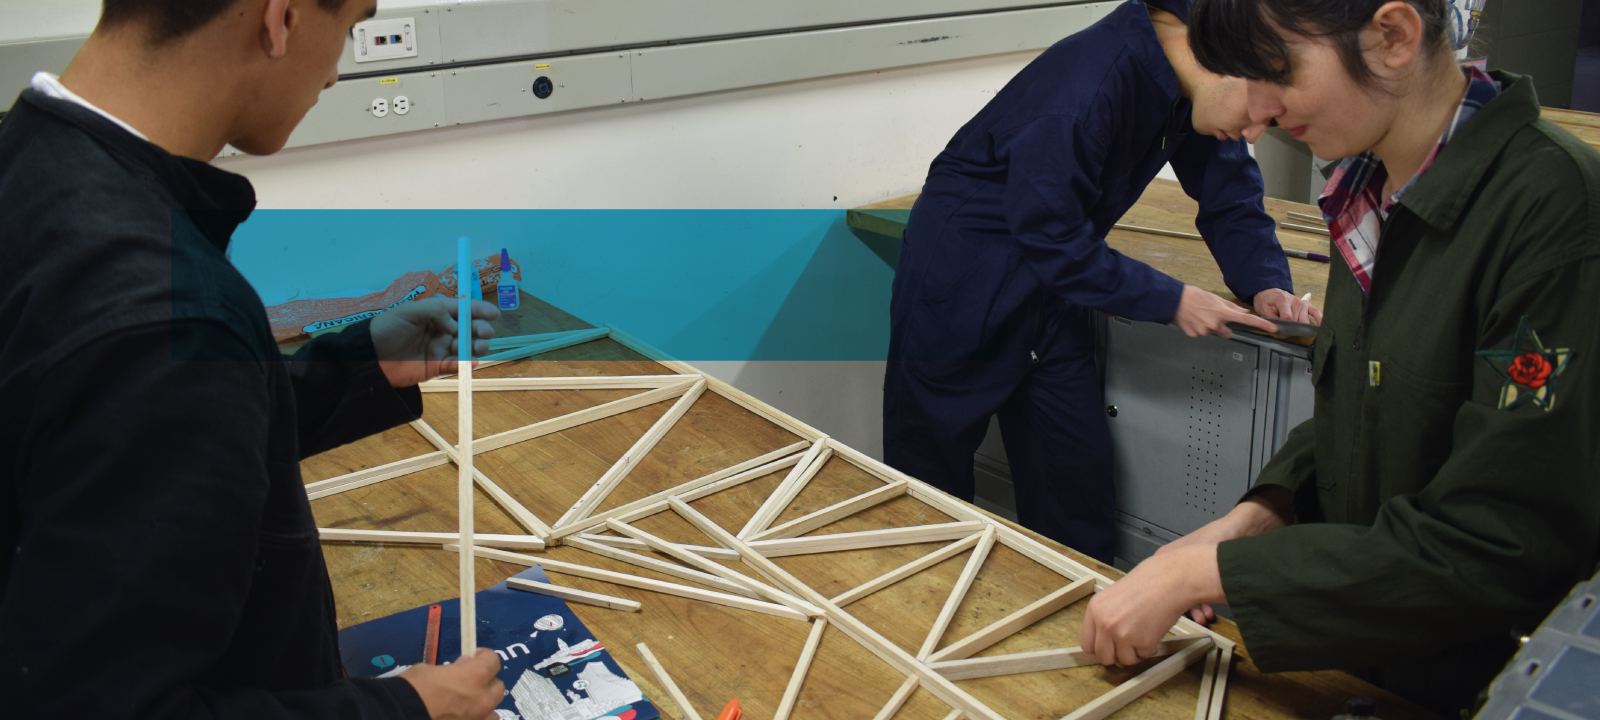 Estudiantes creando una estructura en el laboratorio de manufactura